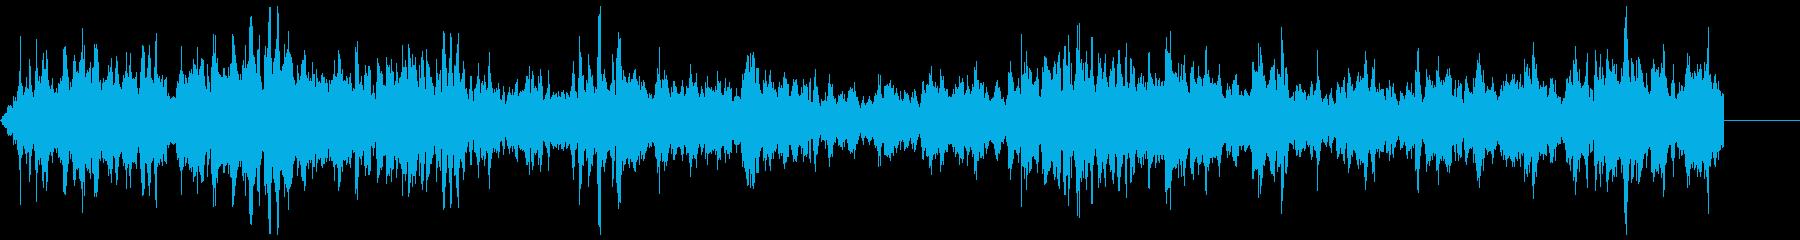 ゾンビ(グループ)攻撃8の再生済みの波形